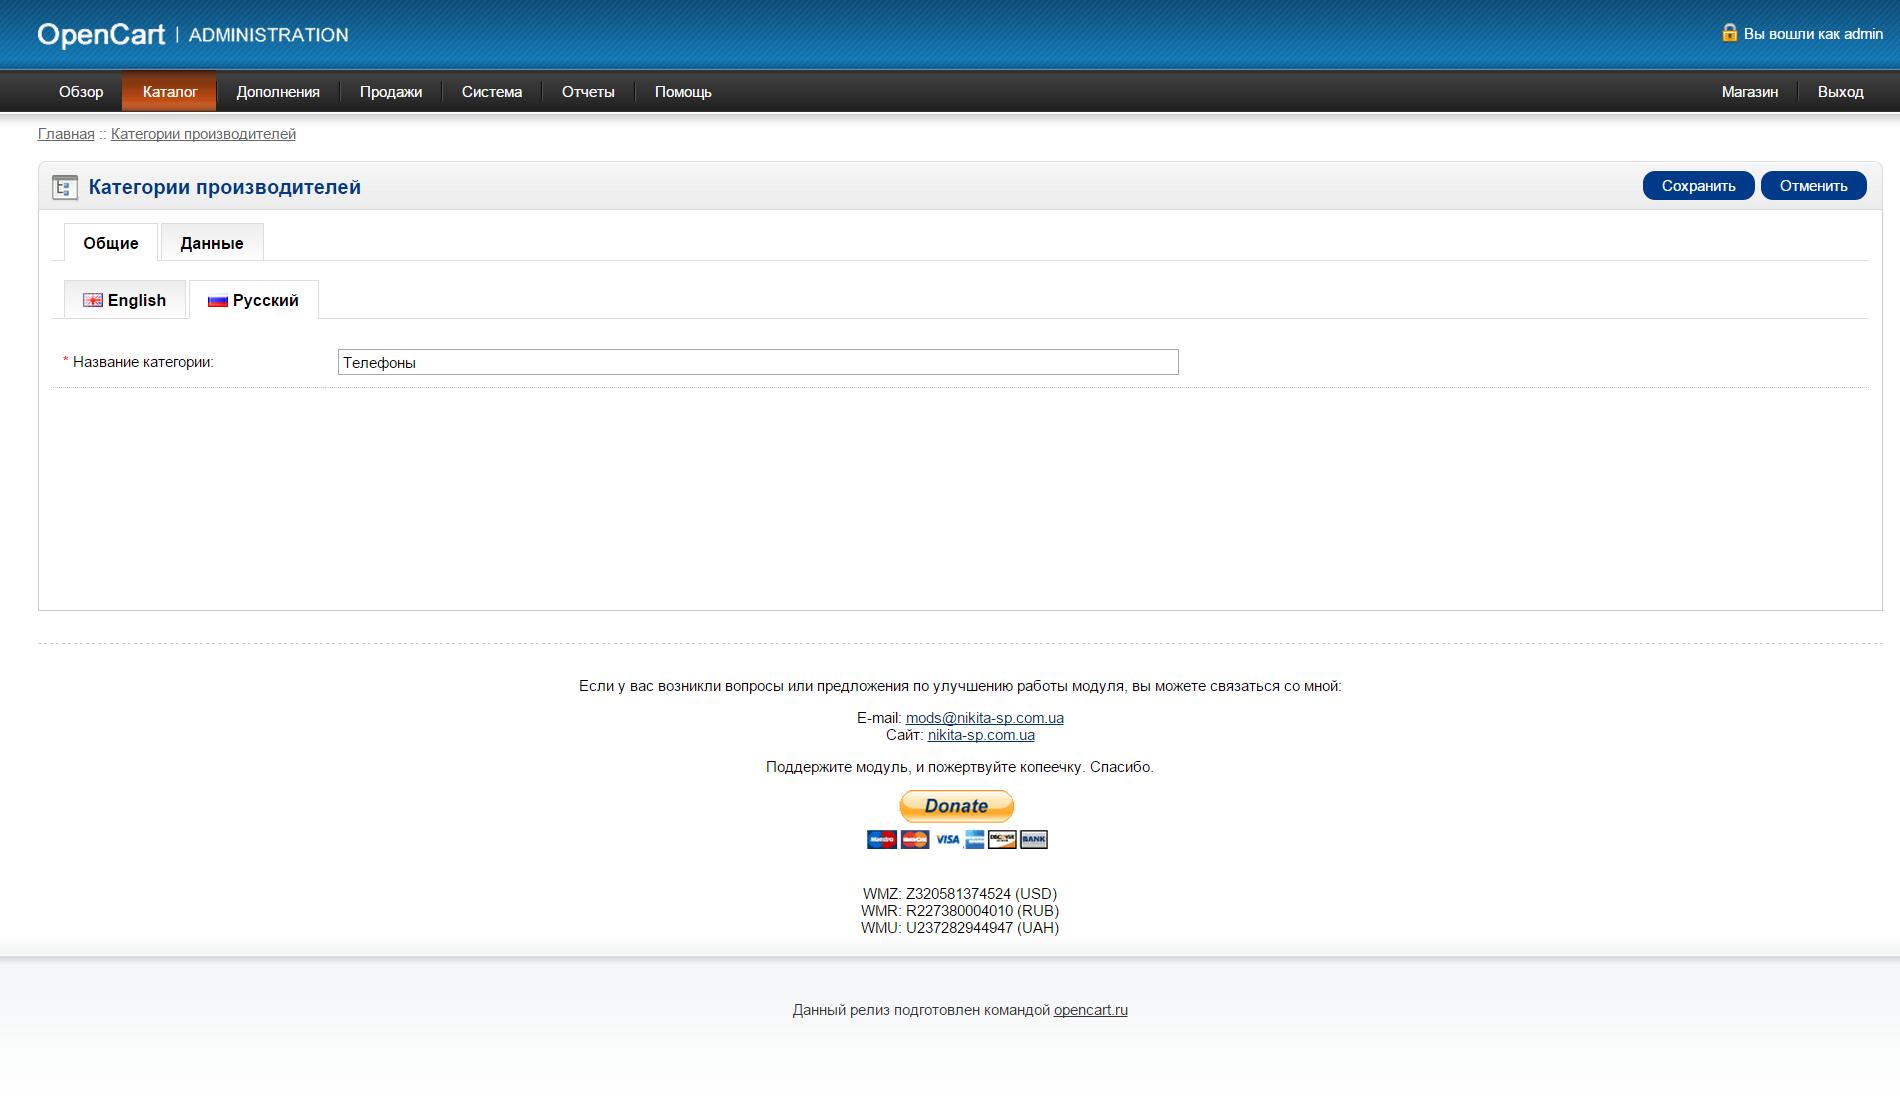 Скриншот 3 - Модуль категорий производителей для Opencart